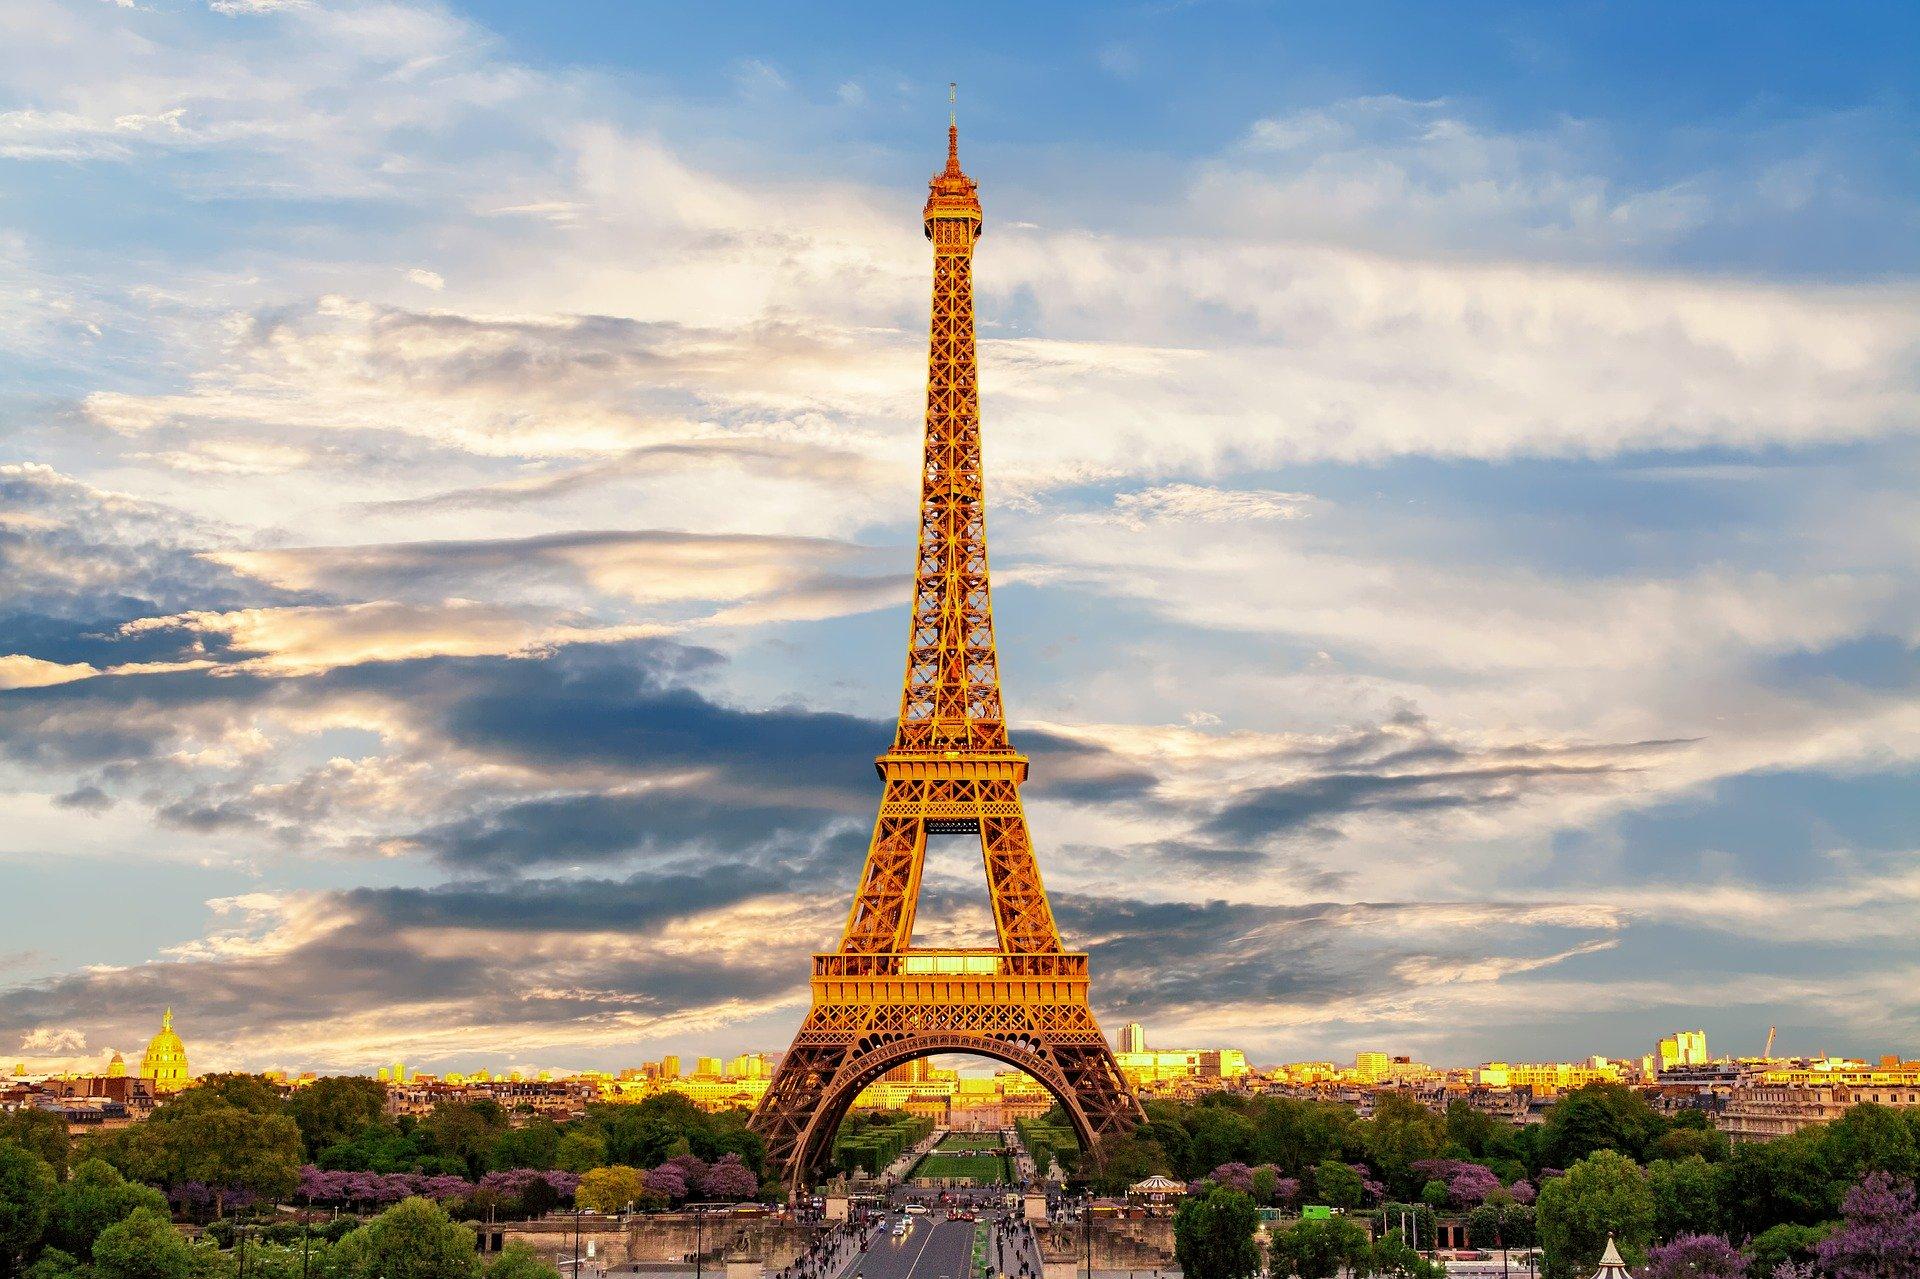 Πύργος του Άιφελ: Πανέμορφη εικόνα